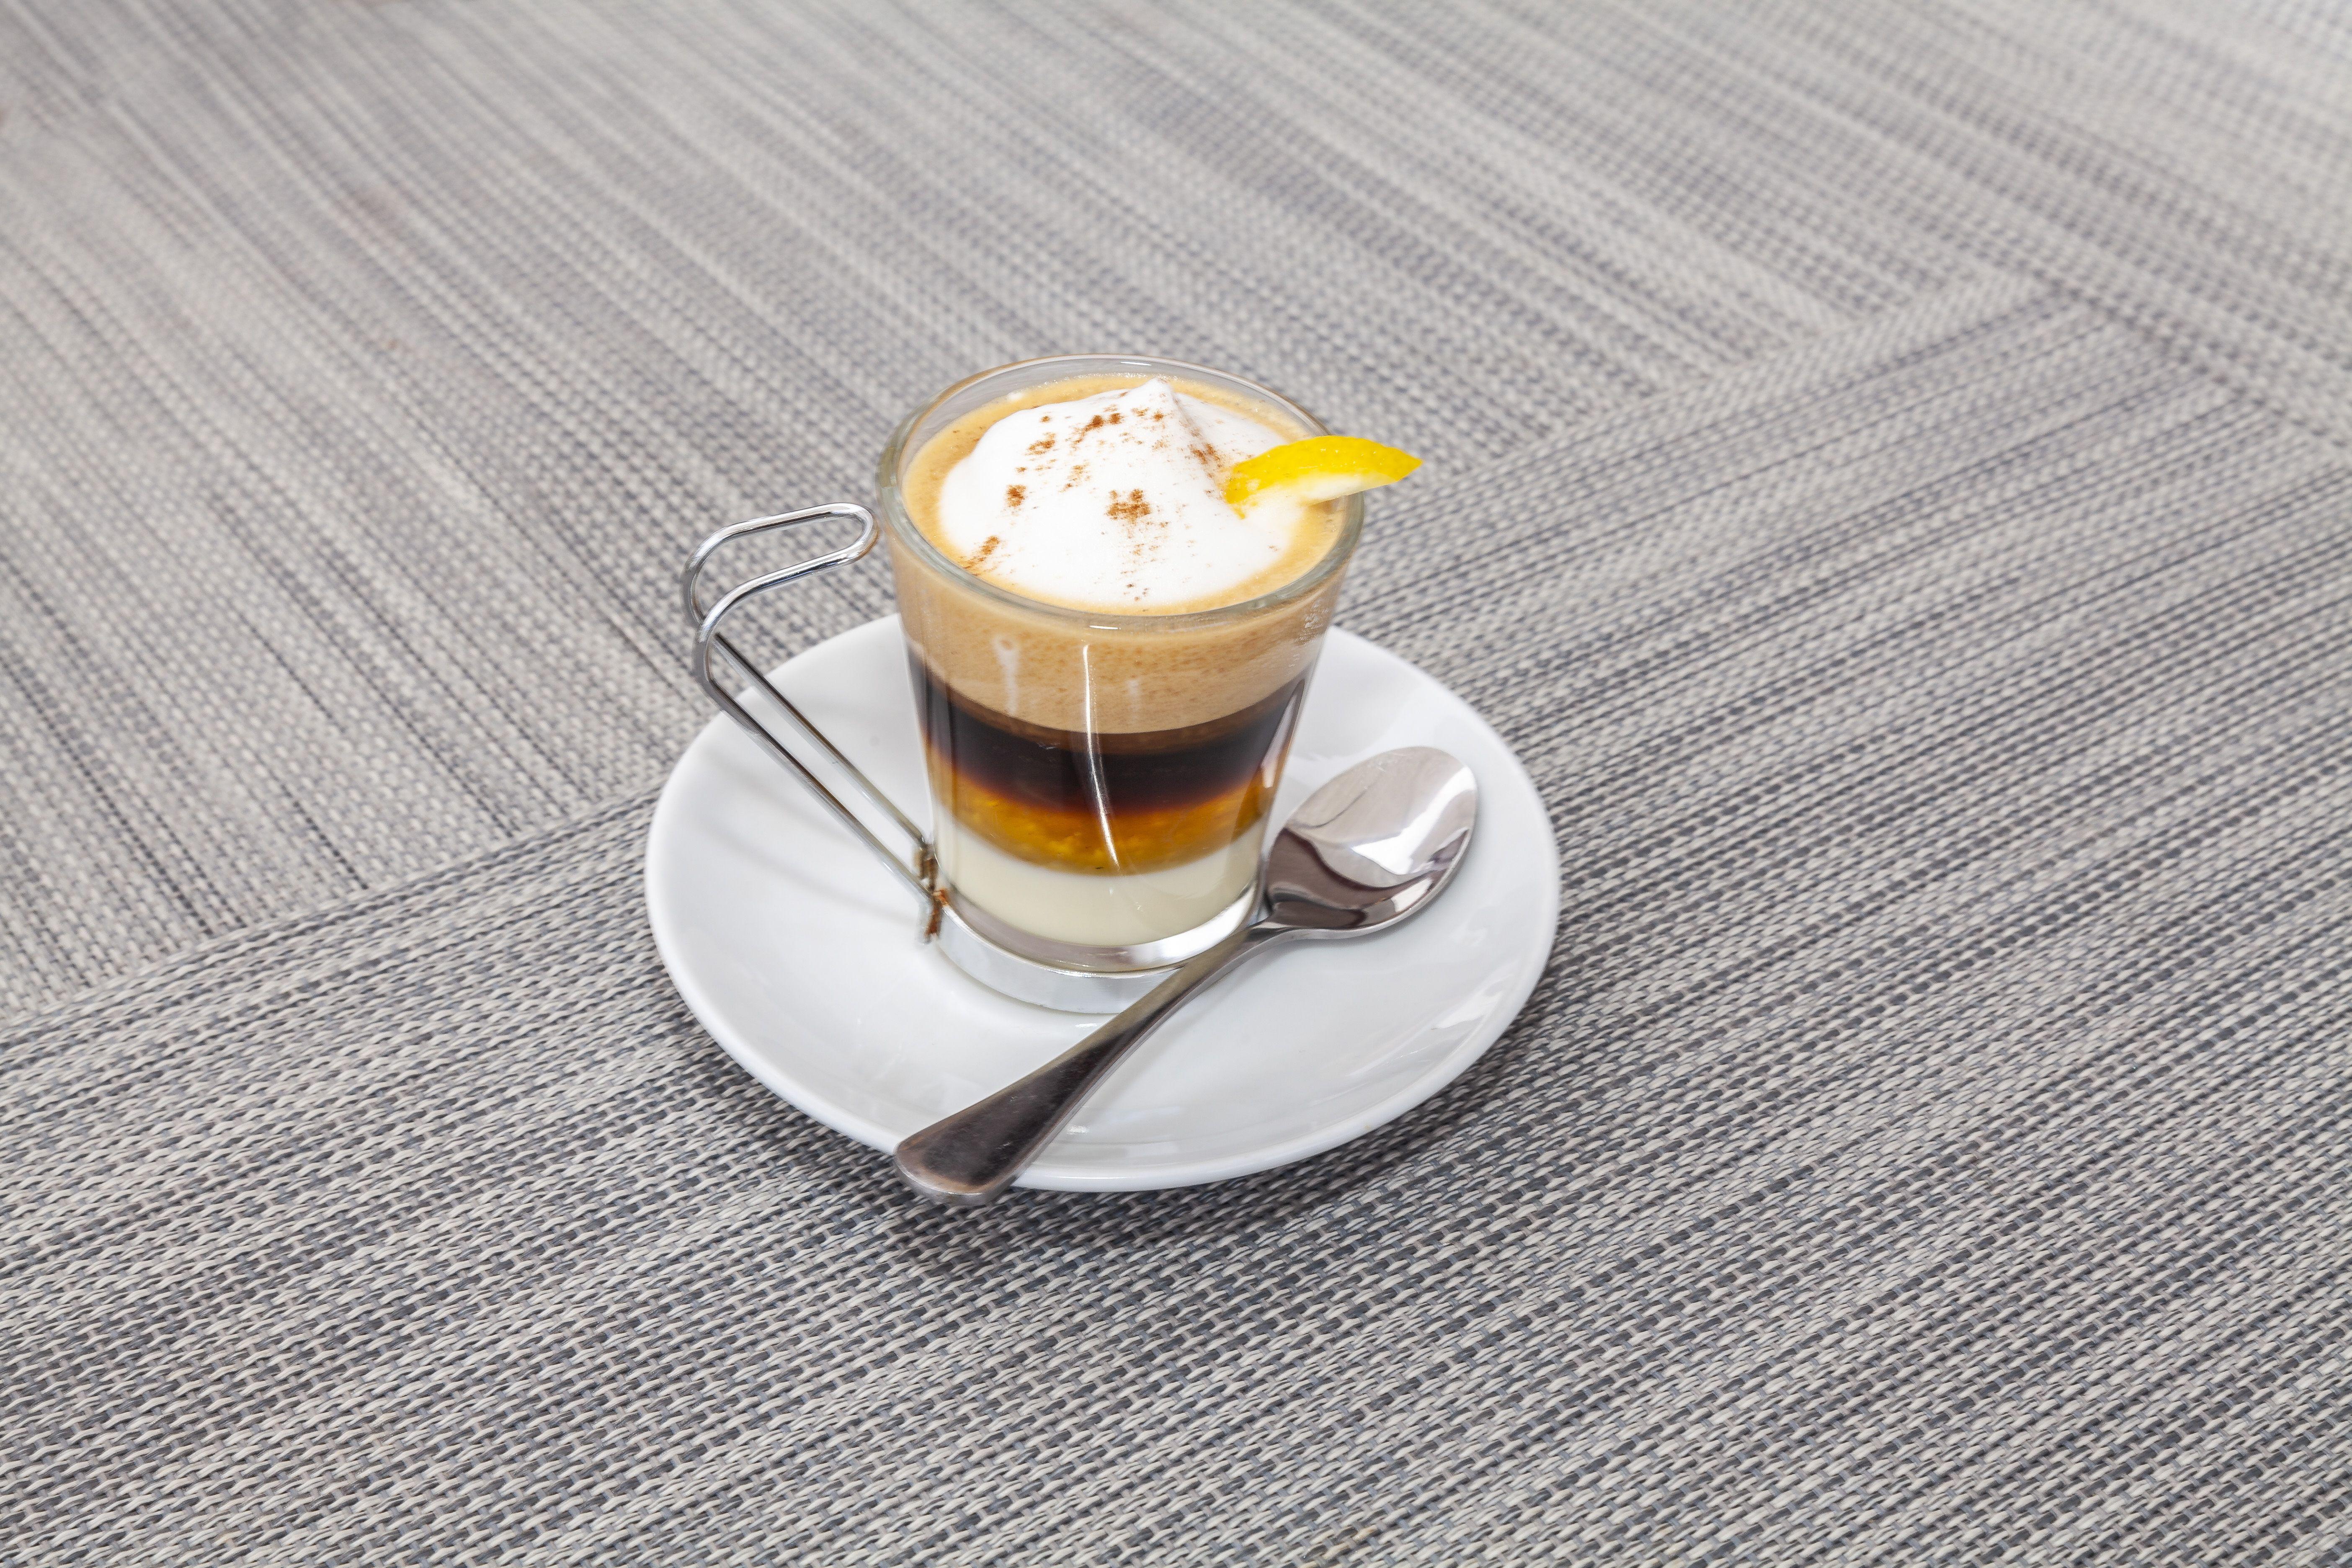 Cafés: Nuestras especialidades de El Horno de Neptuno